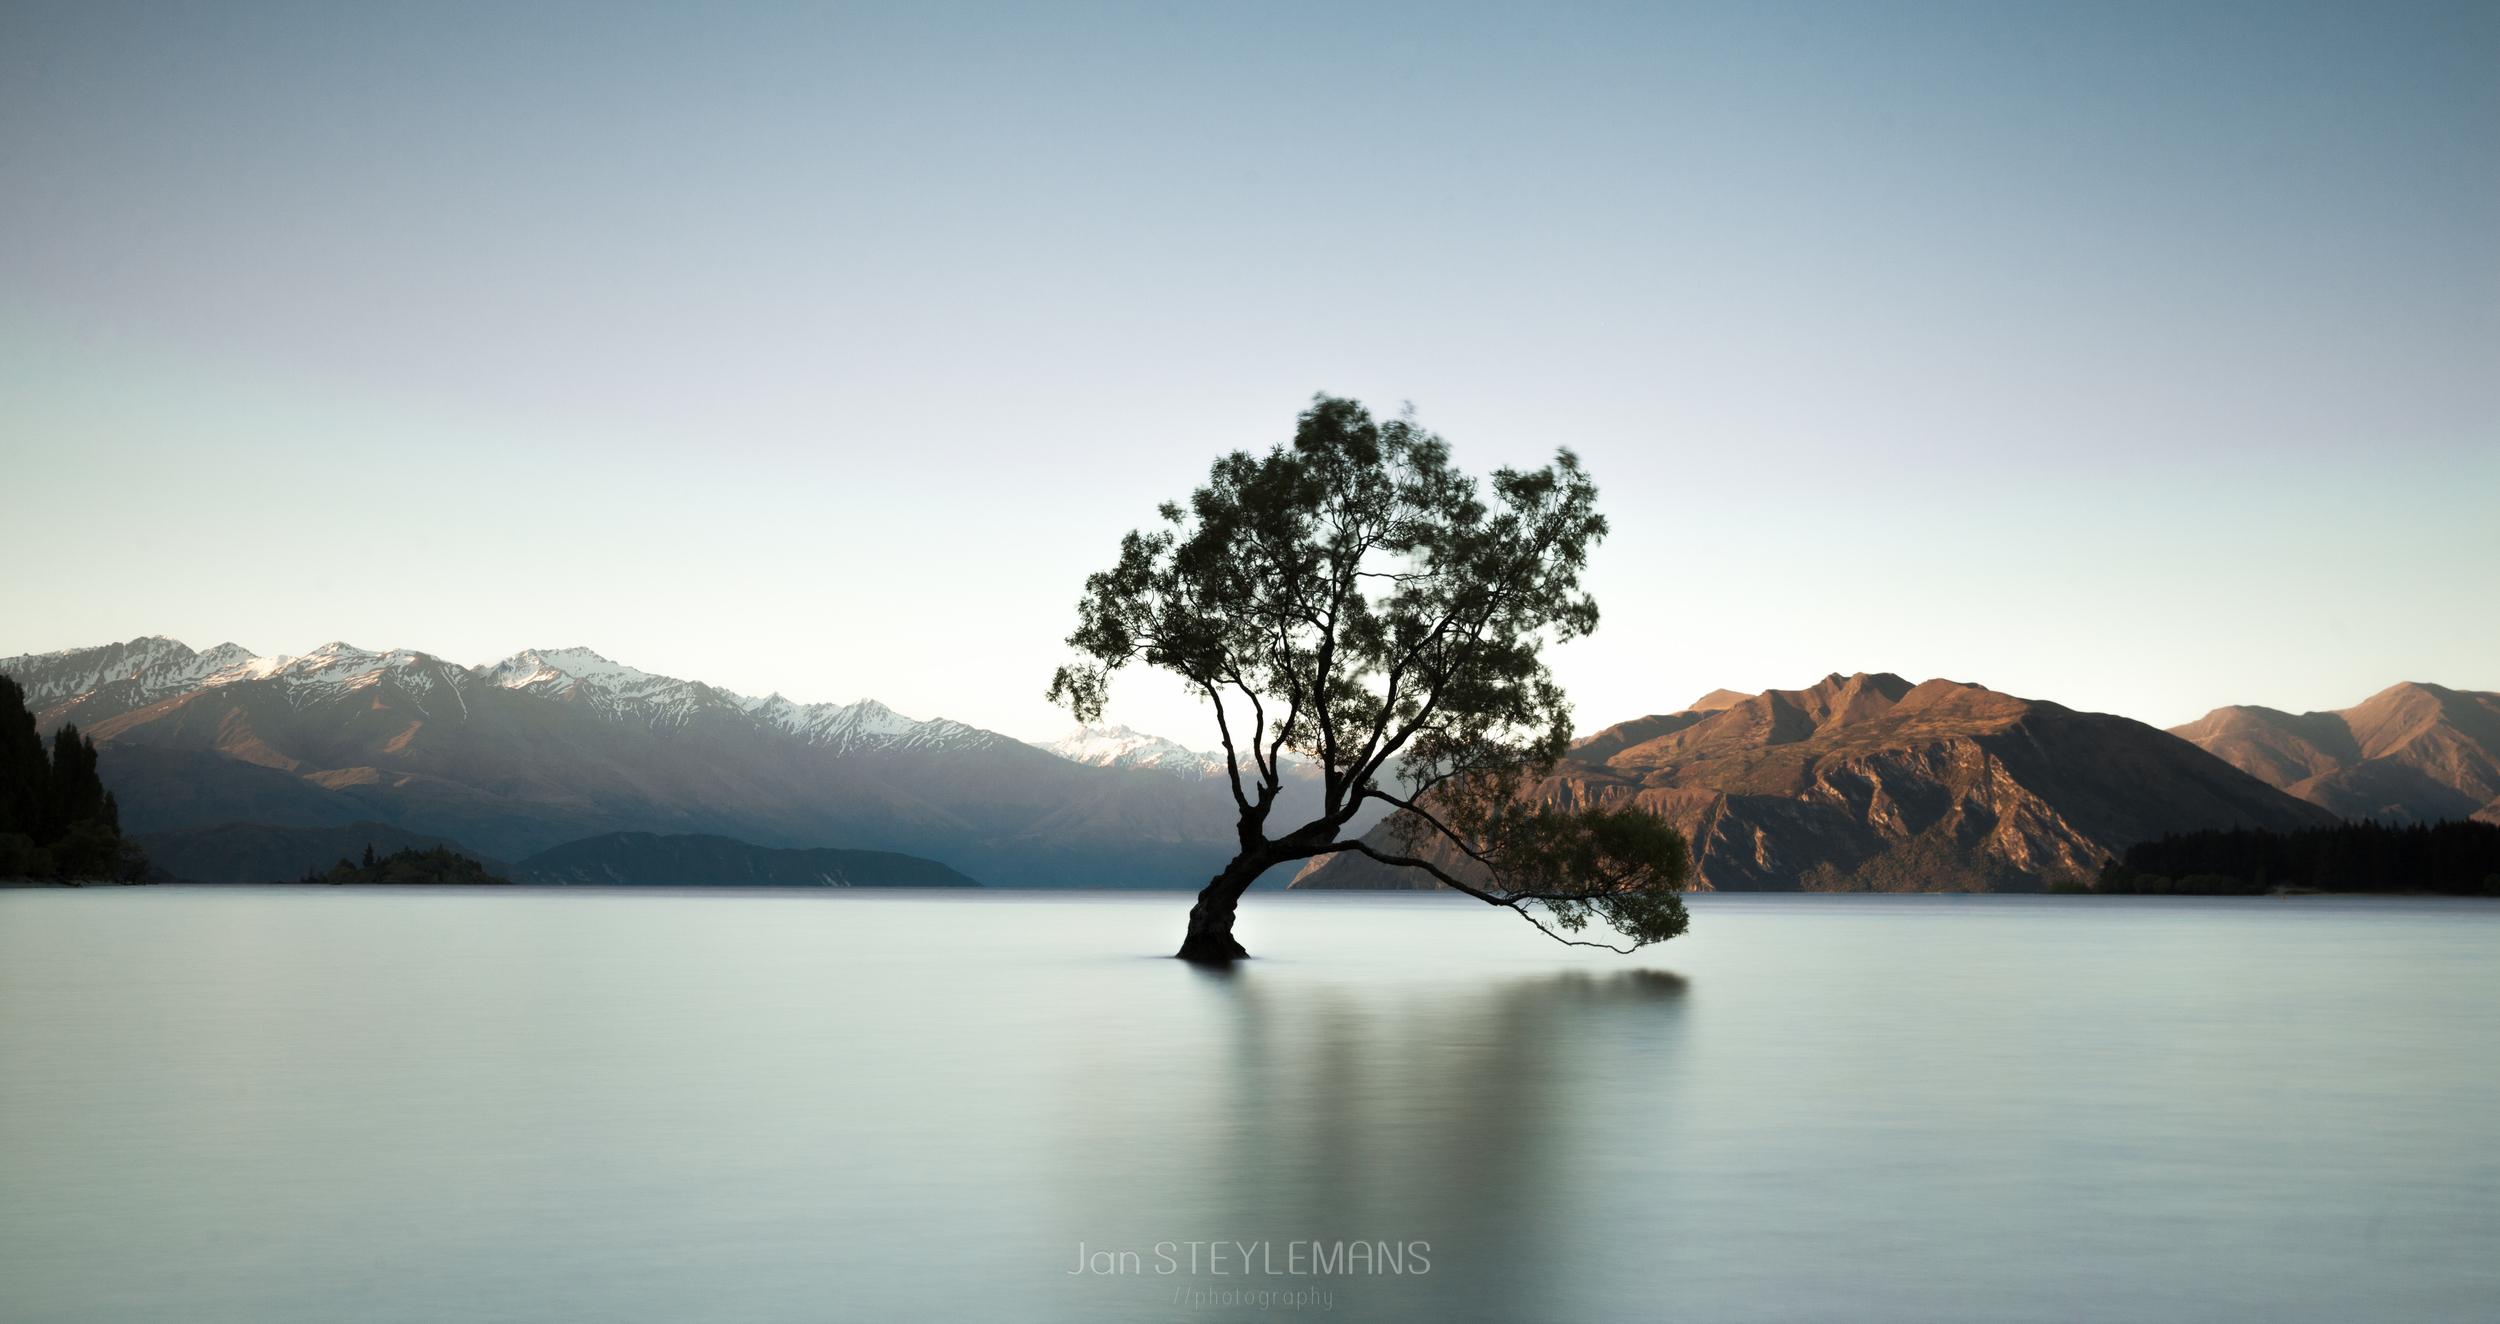 The Wanaka tree, Wanaka, New Zealand